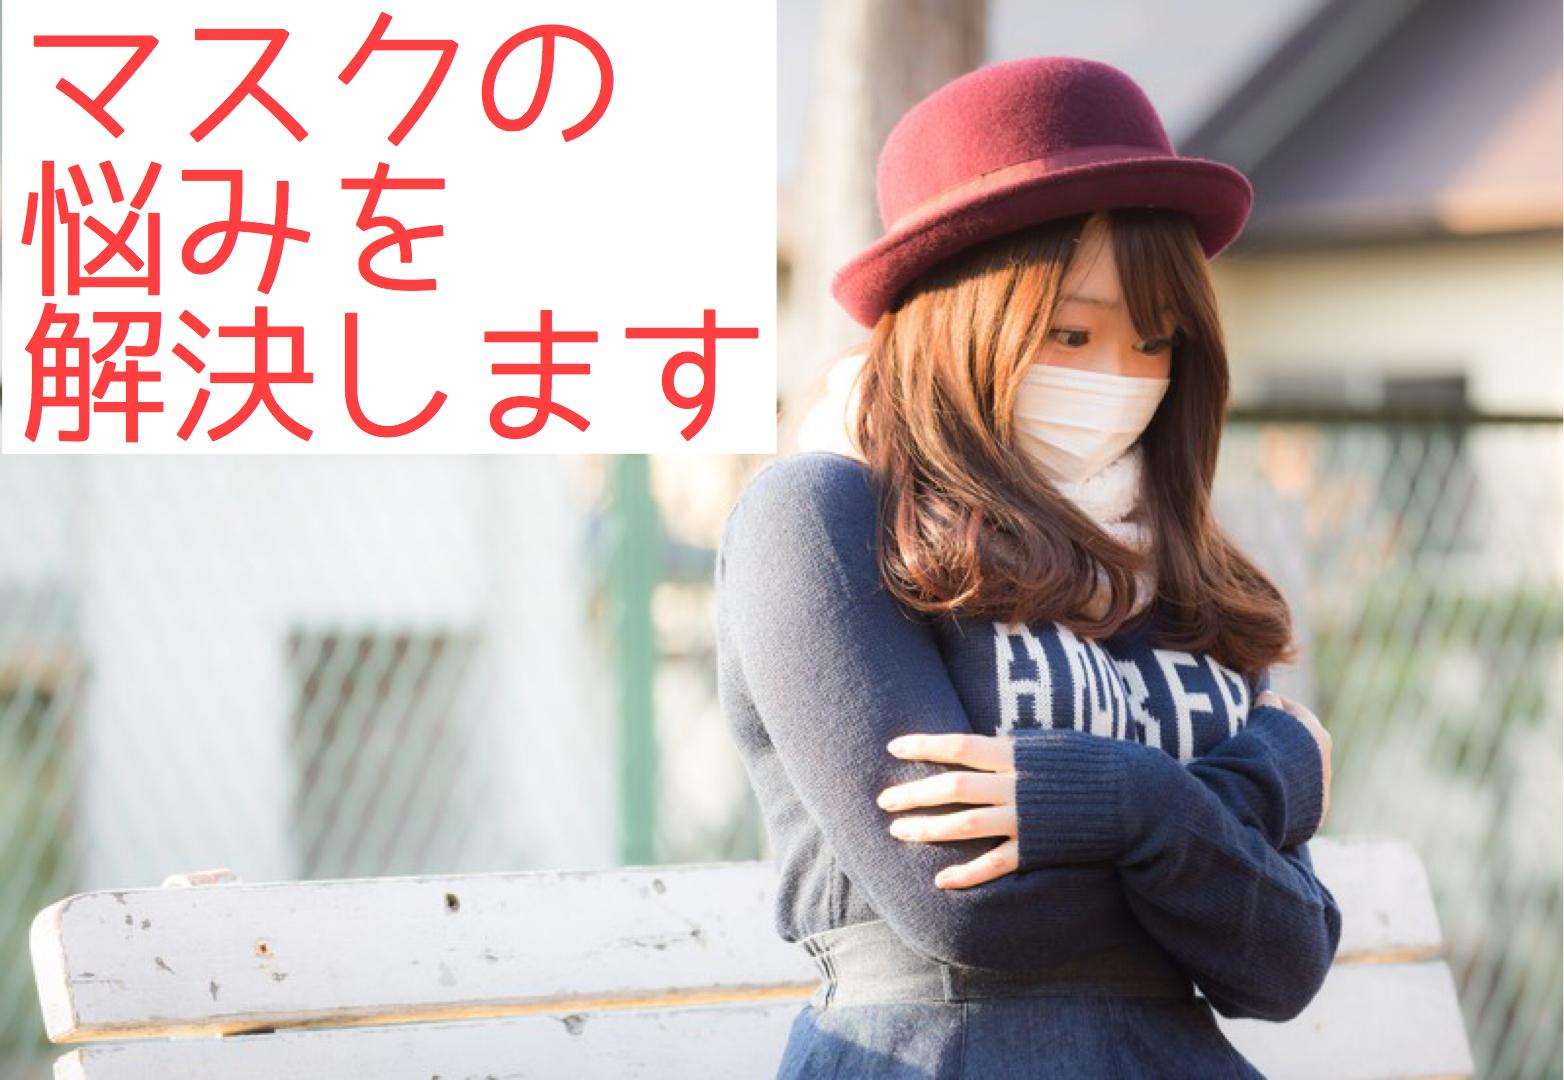 【マスクの中が暑い】マスクをしていても涼しくなる方法を紹介します